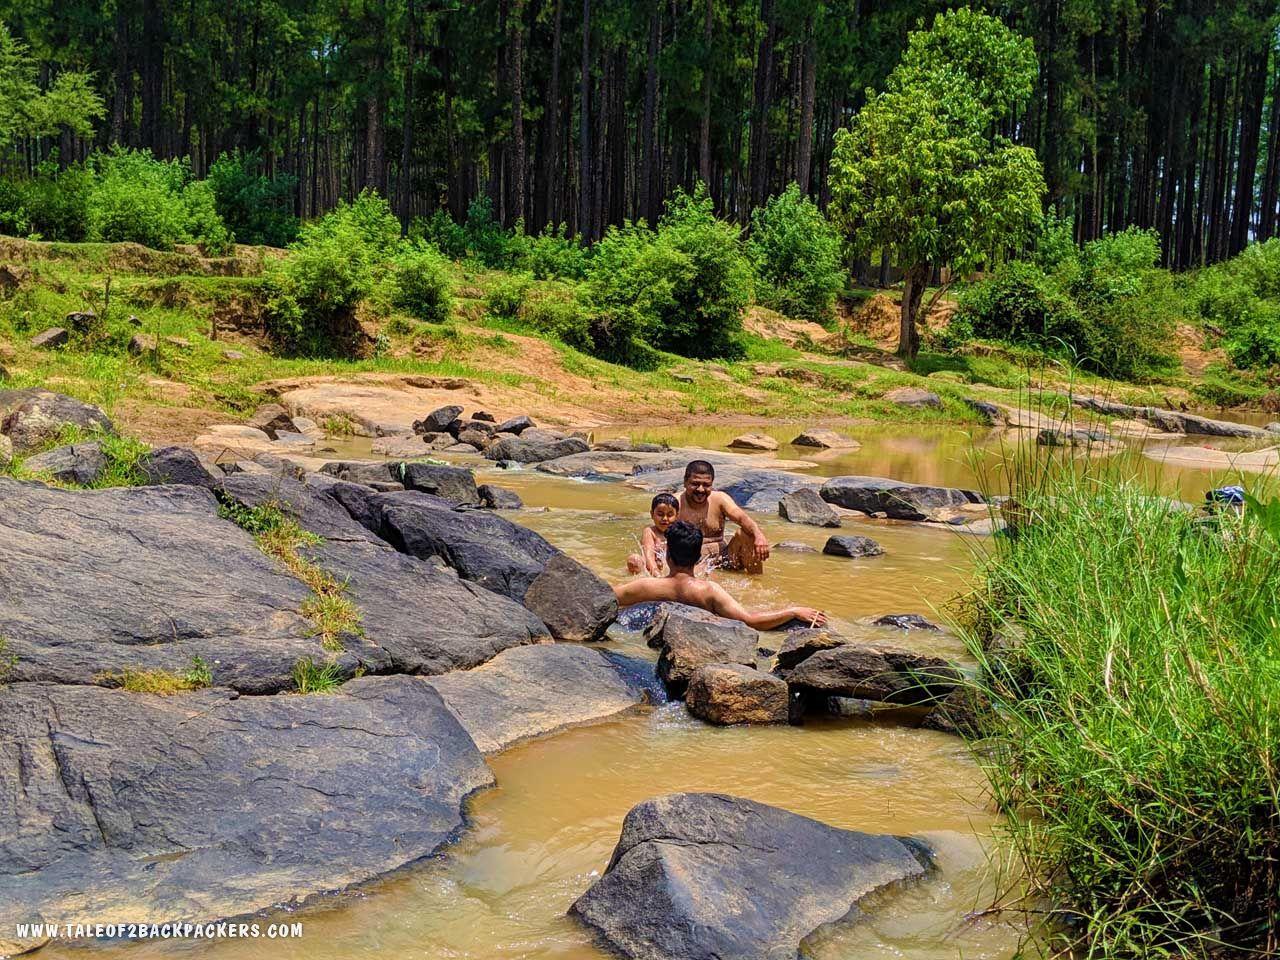 Having fun at Duluri River at Daringbadi